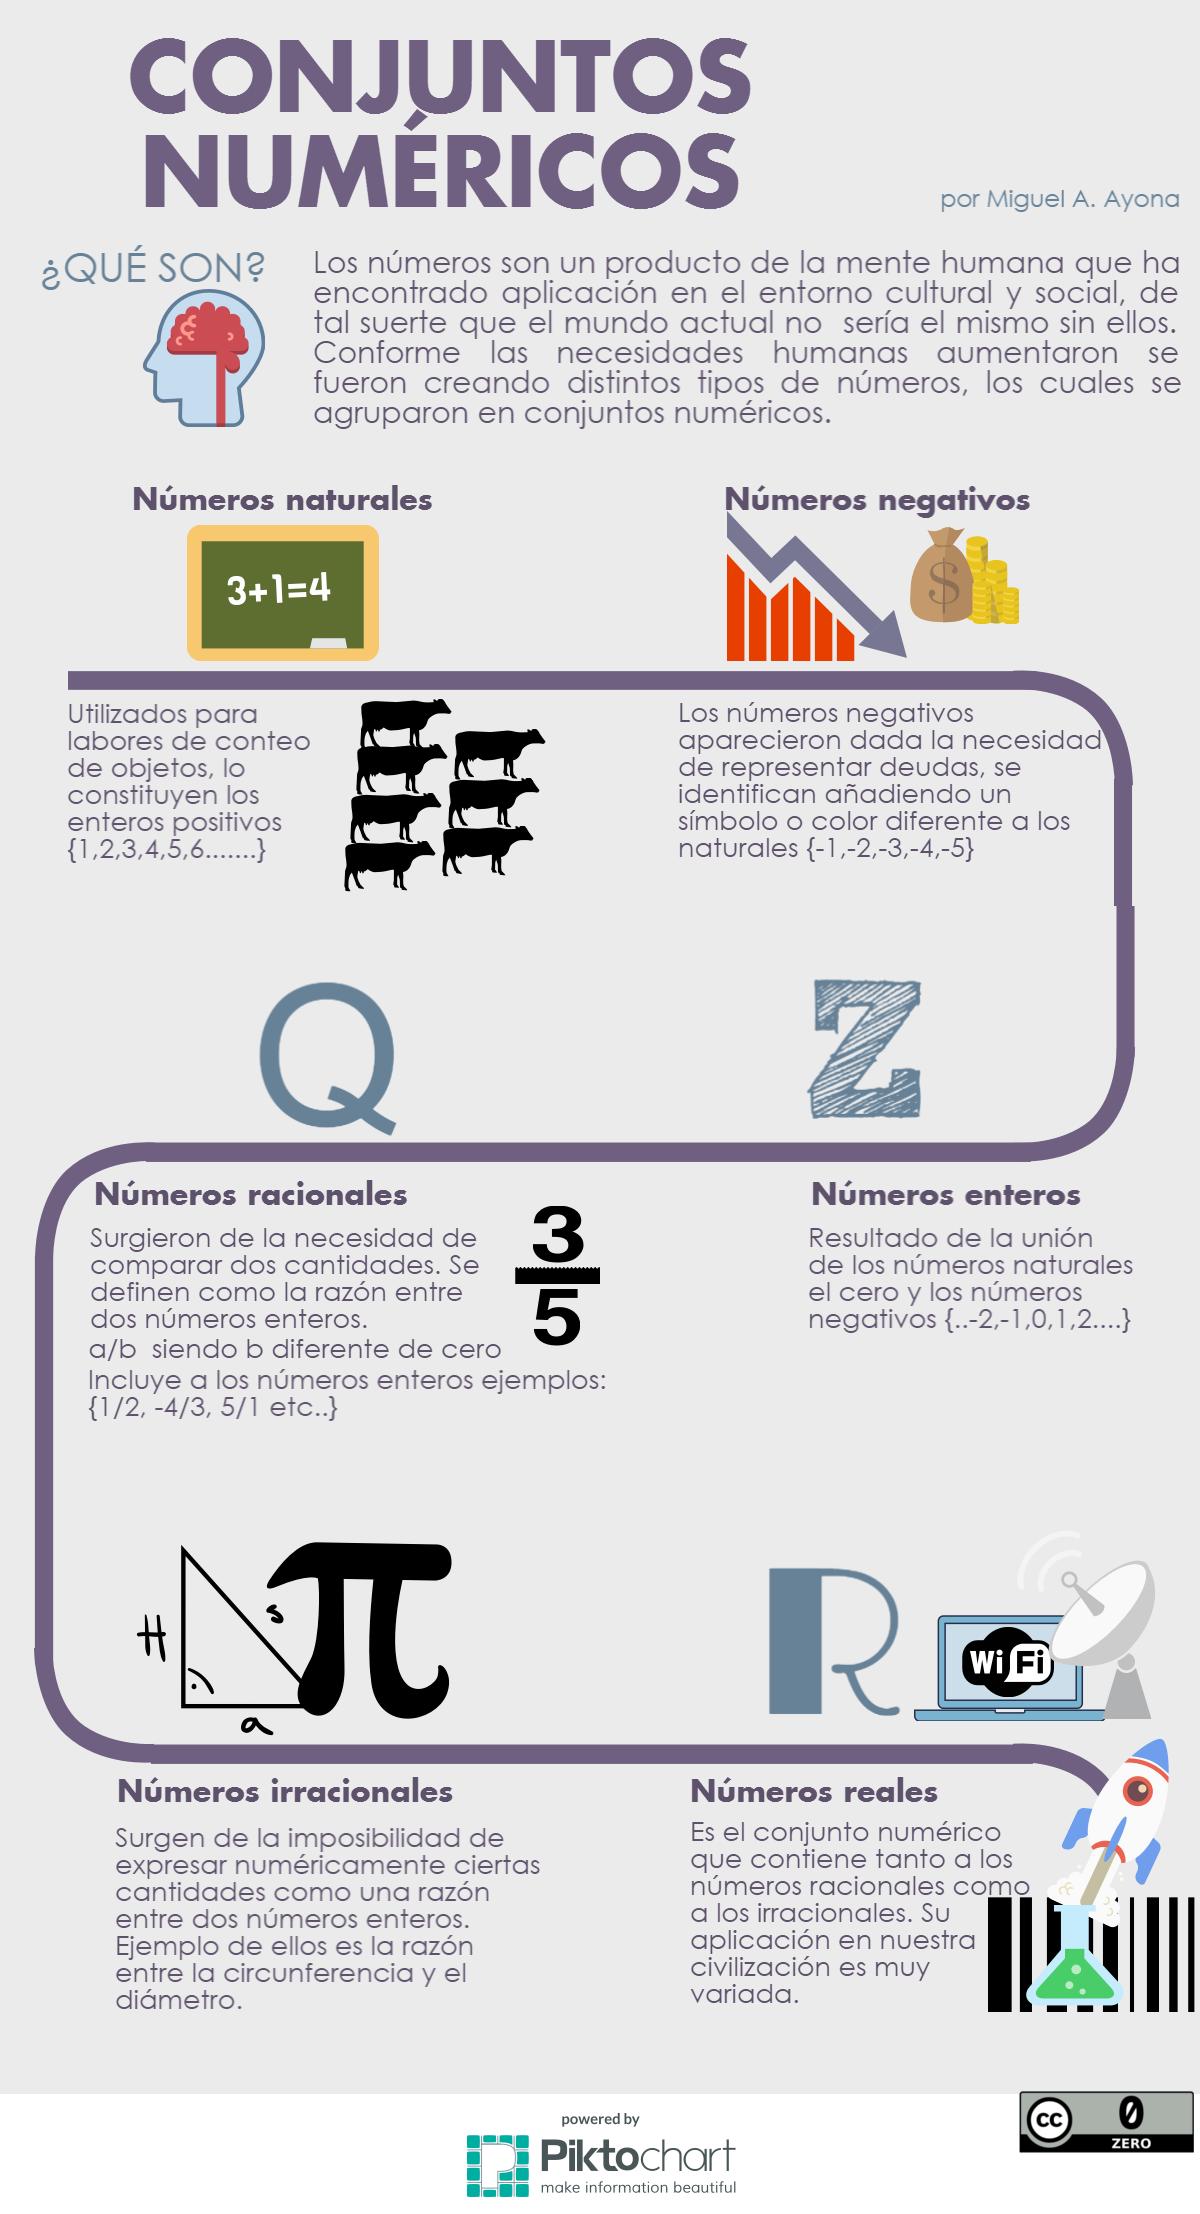 Conjuntos numéricos ¿Qué son?